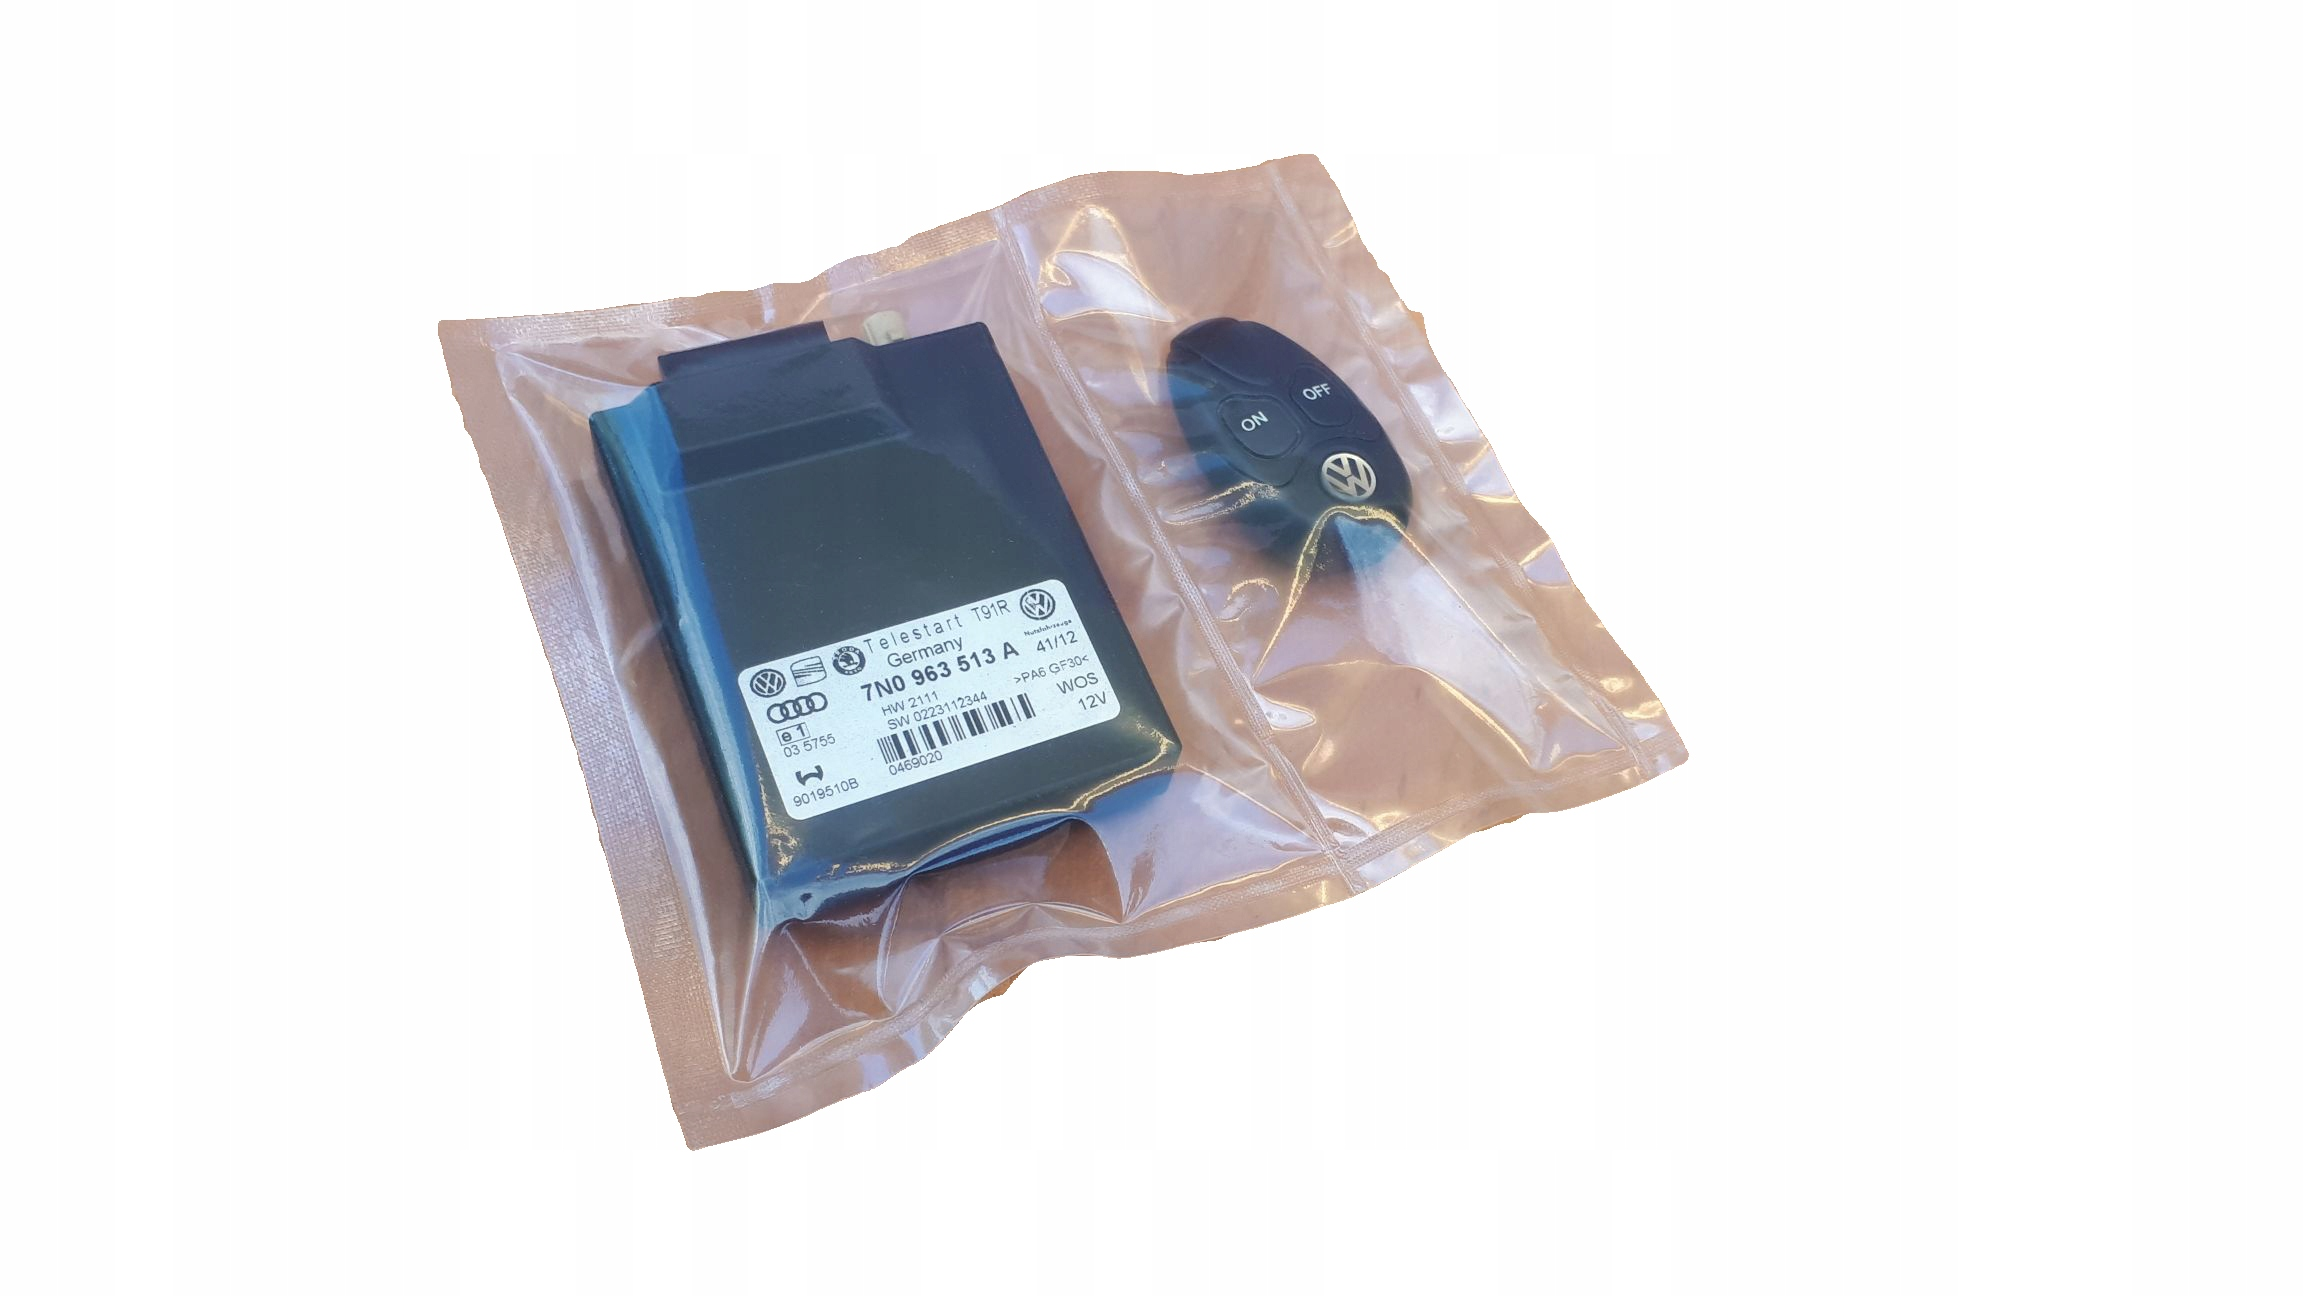 комплект telestart t91r 7n0963513b + пульт vw skoda